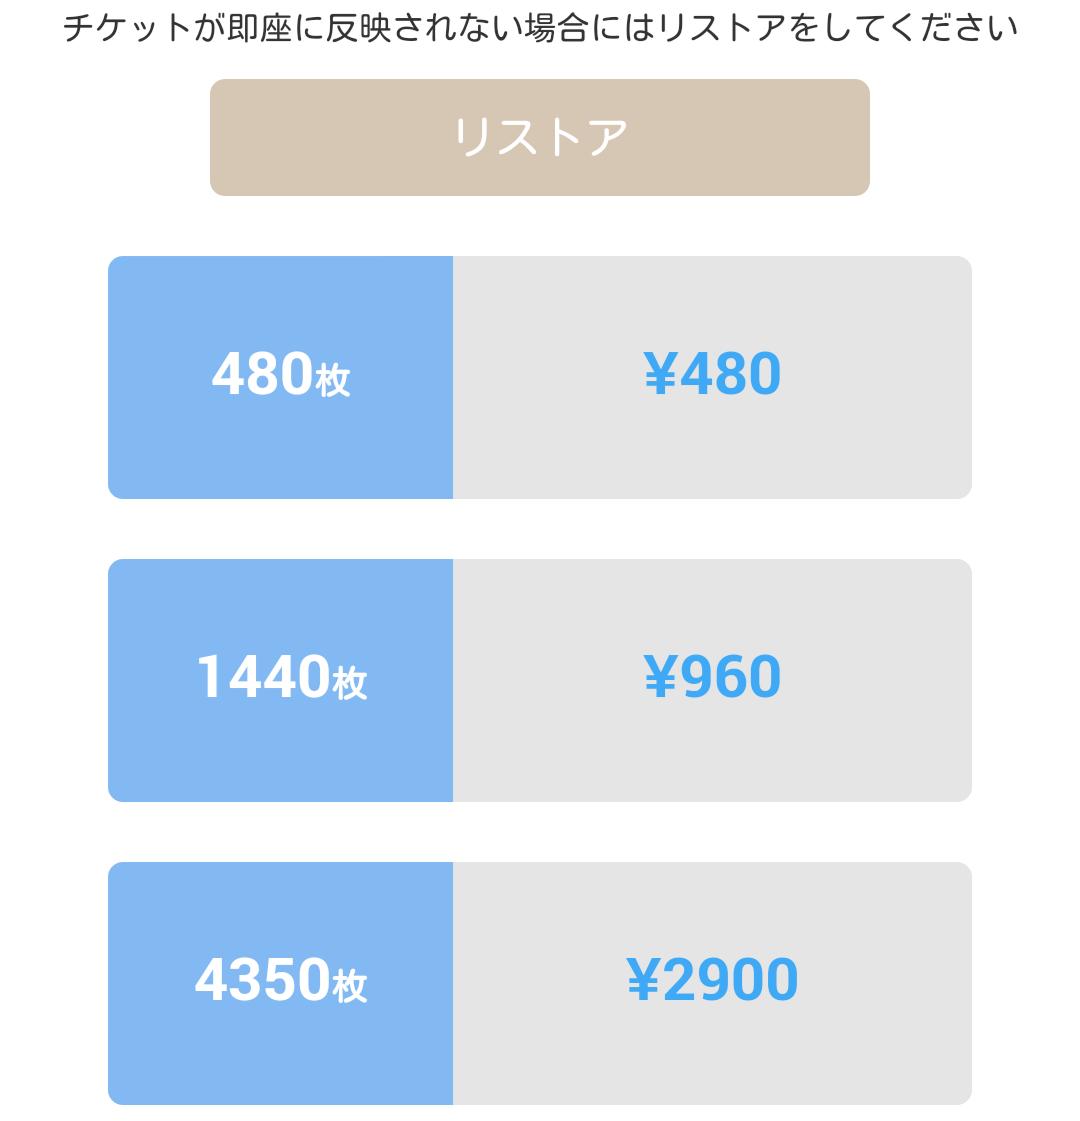 ナチュ恋〜人気のチャットアプリの料金体系